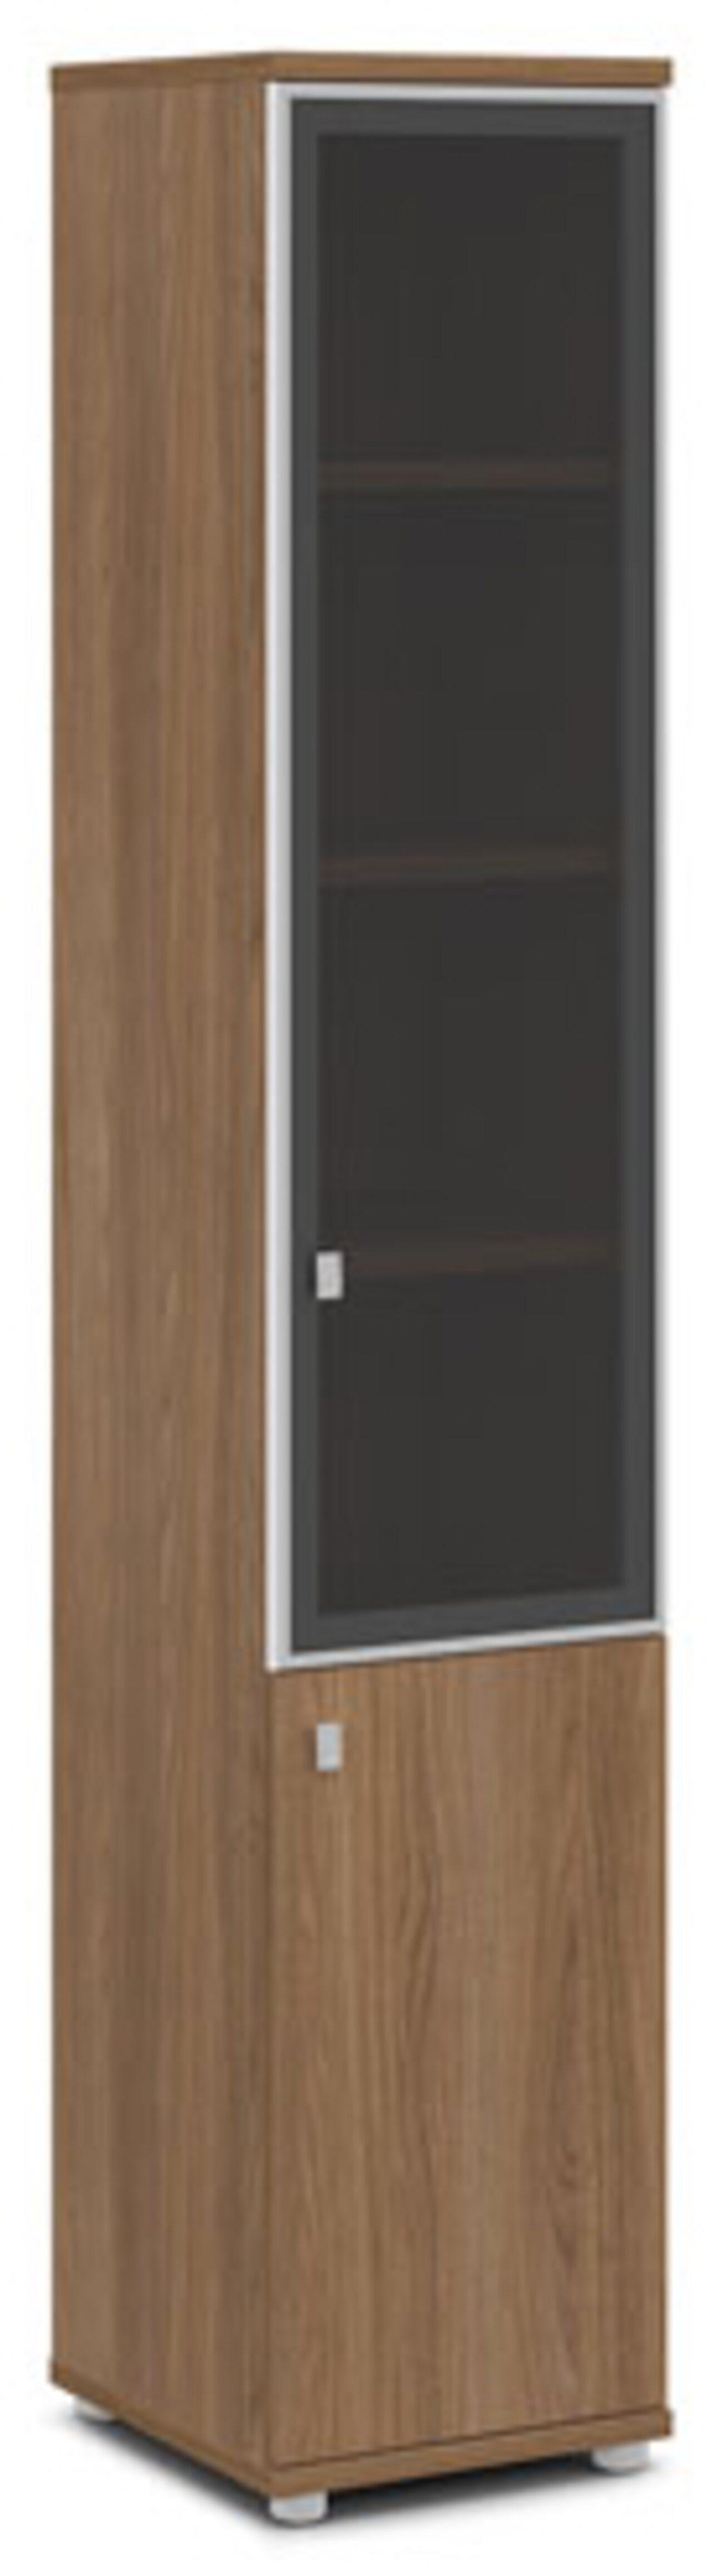 Шкаф со стеклом в алюминиевом профиле  (правый)  Vasanta 42x44x220 - фото 3